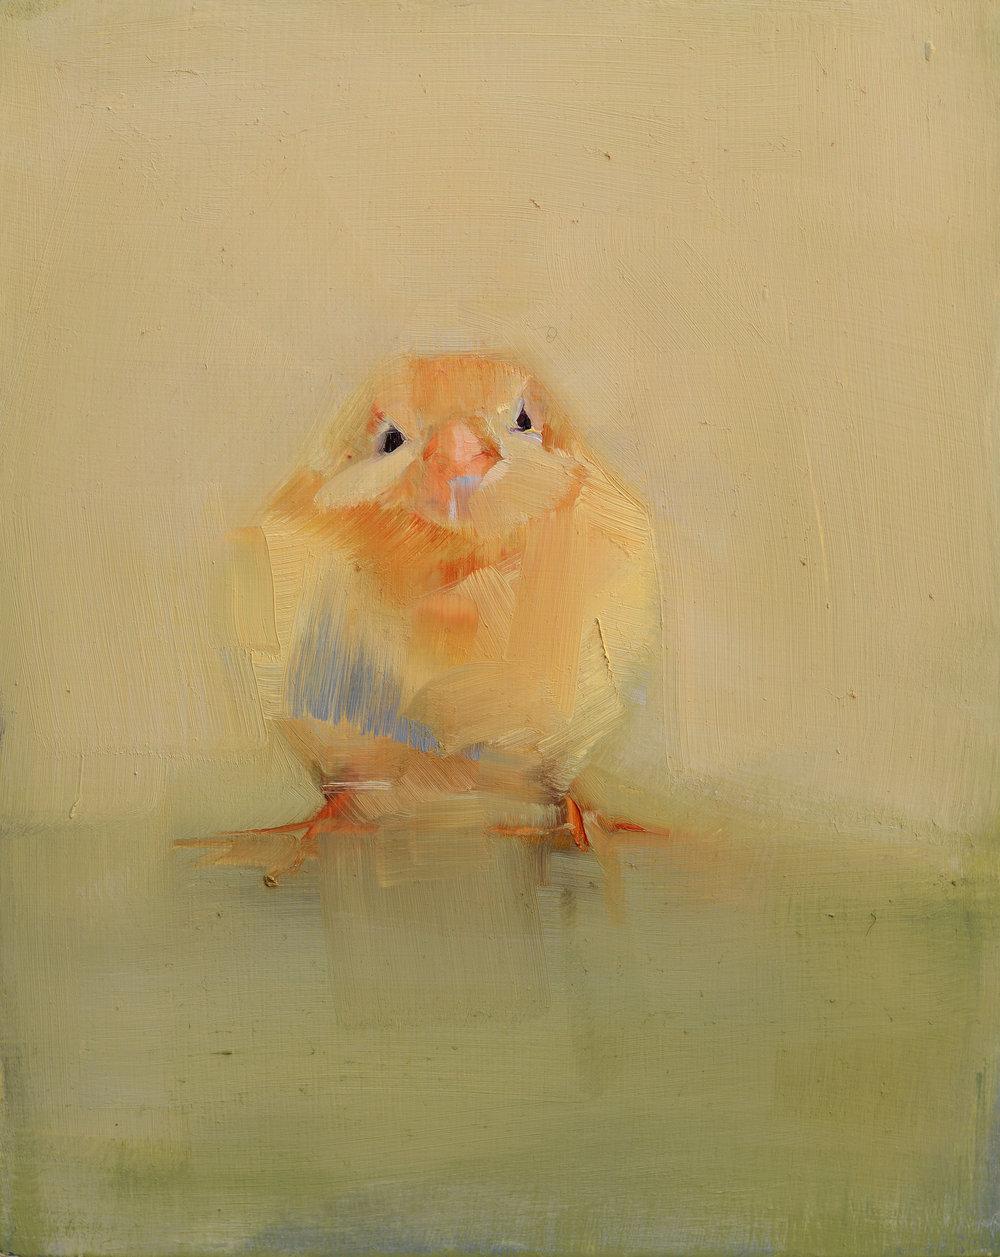 Chick_10x8.jpg